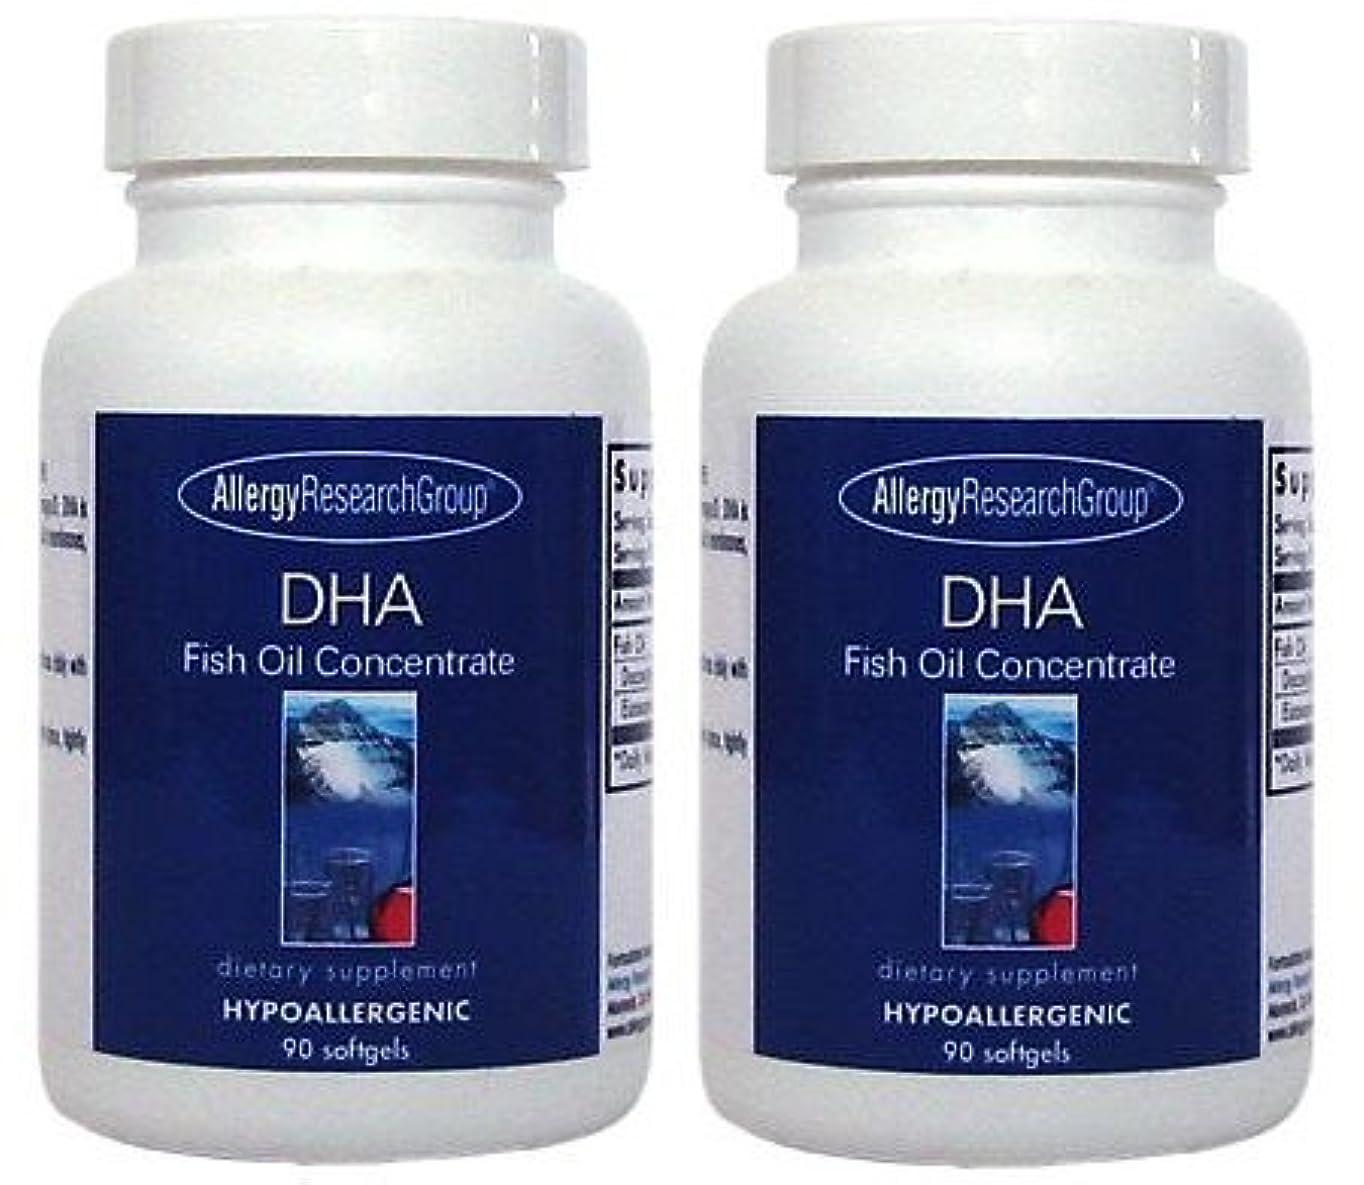 湿気の多い出身地シャーロックホームズDHA & EPA (DHA Fish Oil Concentrate 90 Softgels ) [海外直送品] 2ボトル